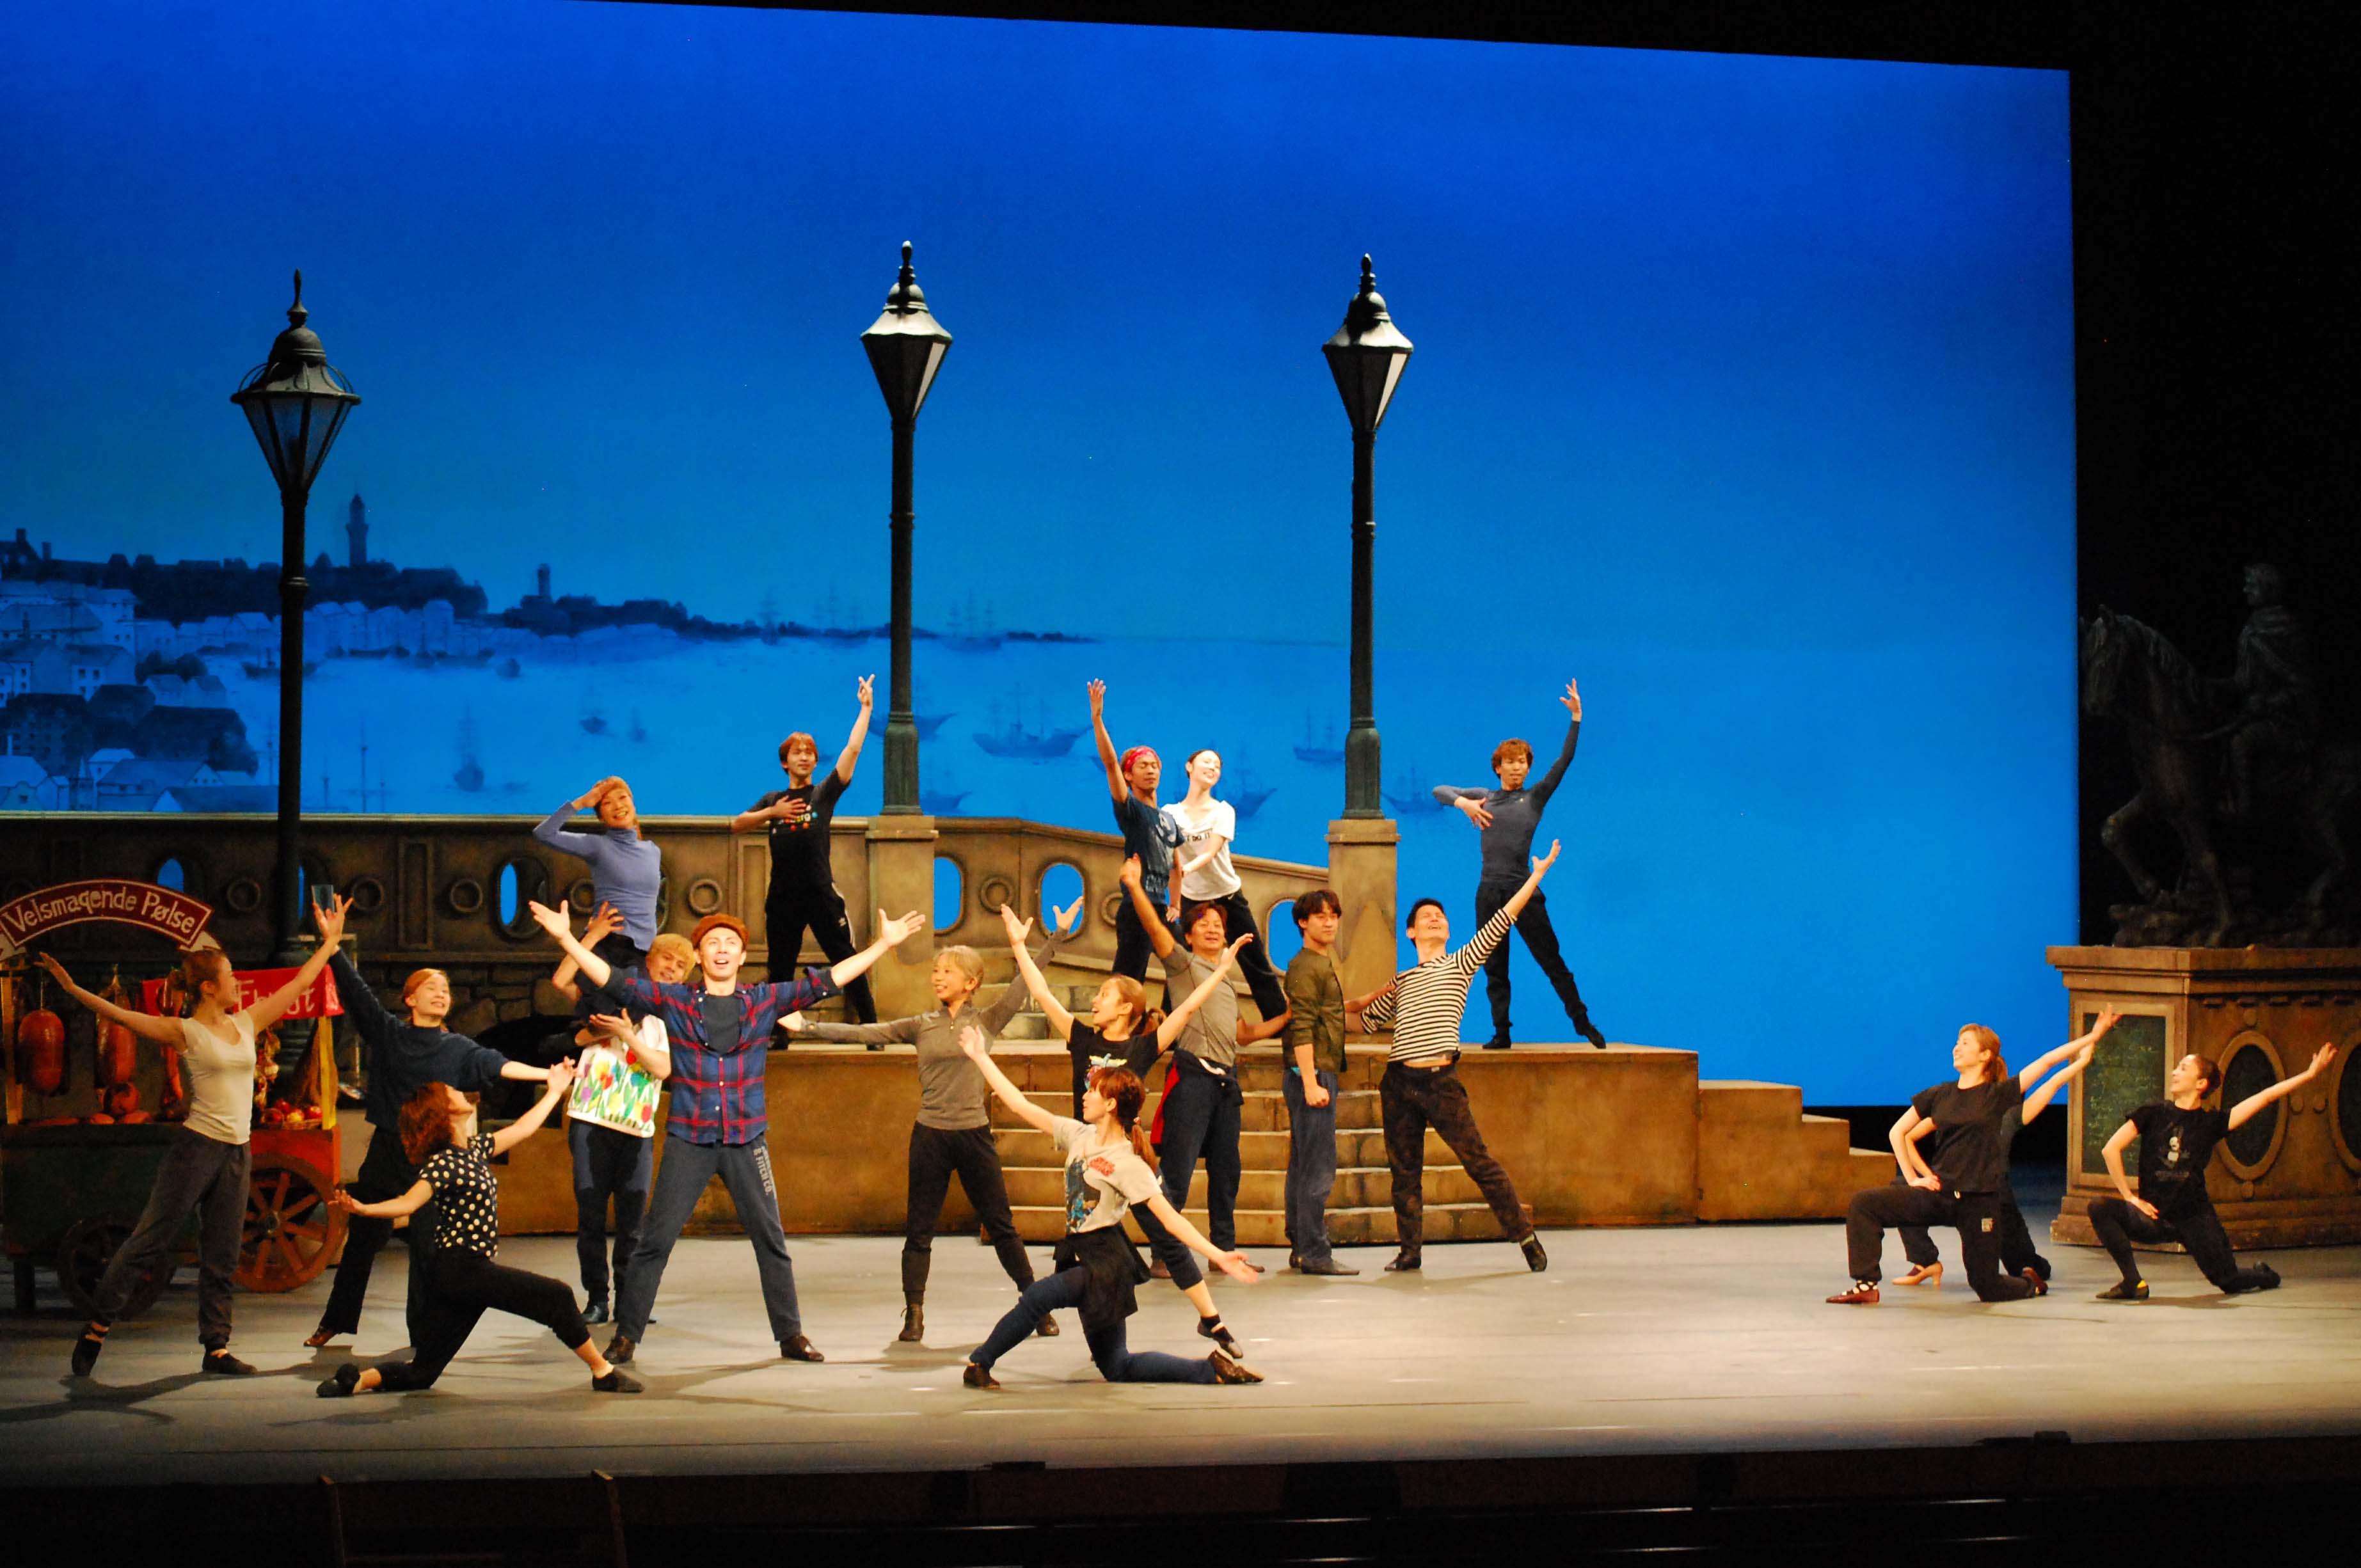 劇団四季ミュージカル『アンデルセン』のリハーサルを見学できるチャンス!長崎(11/28)・大分(11/30)での見学会開催を前に取材してきました♪